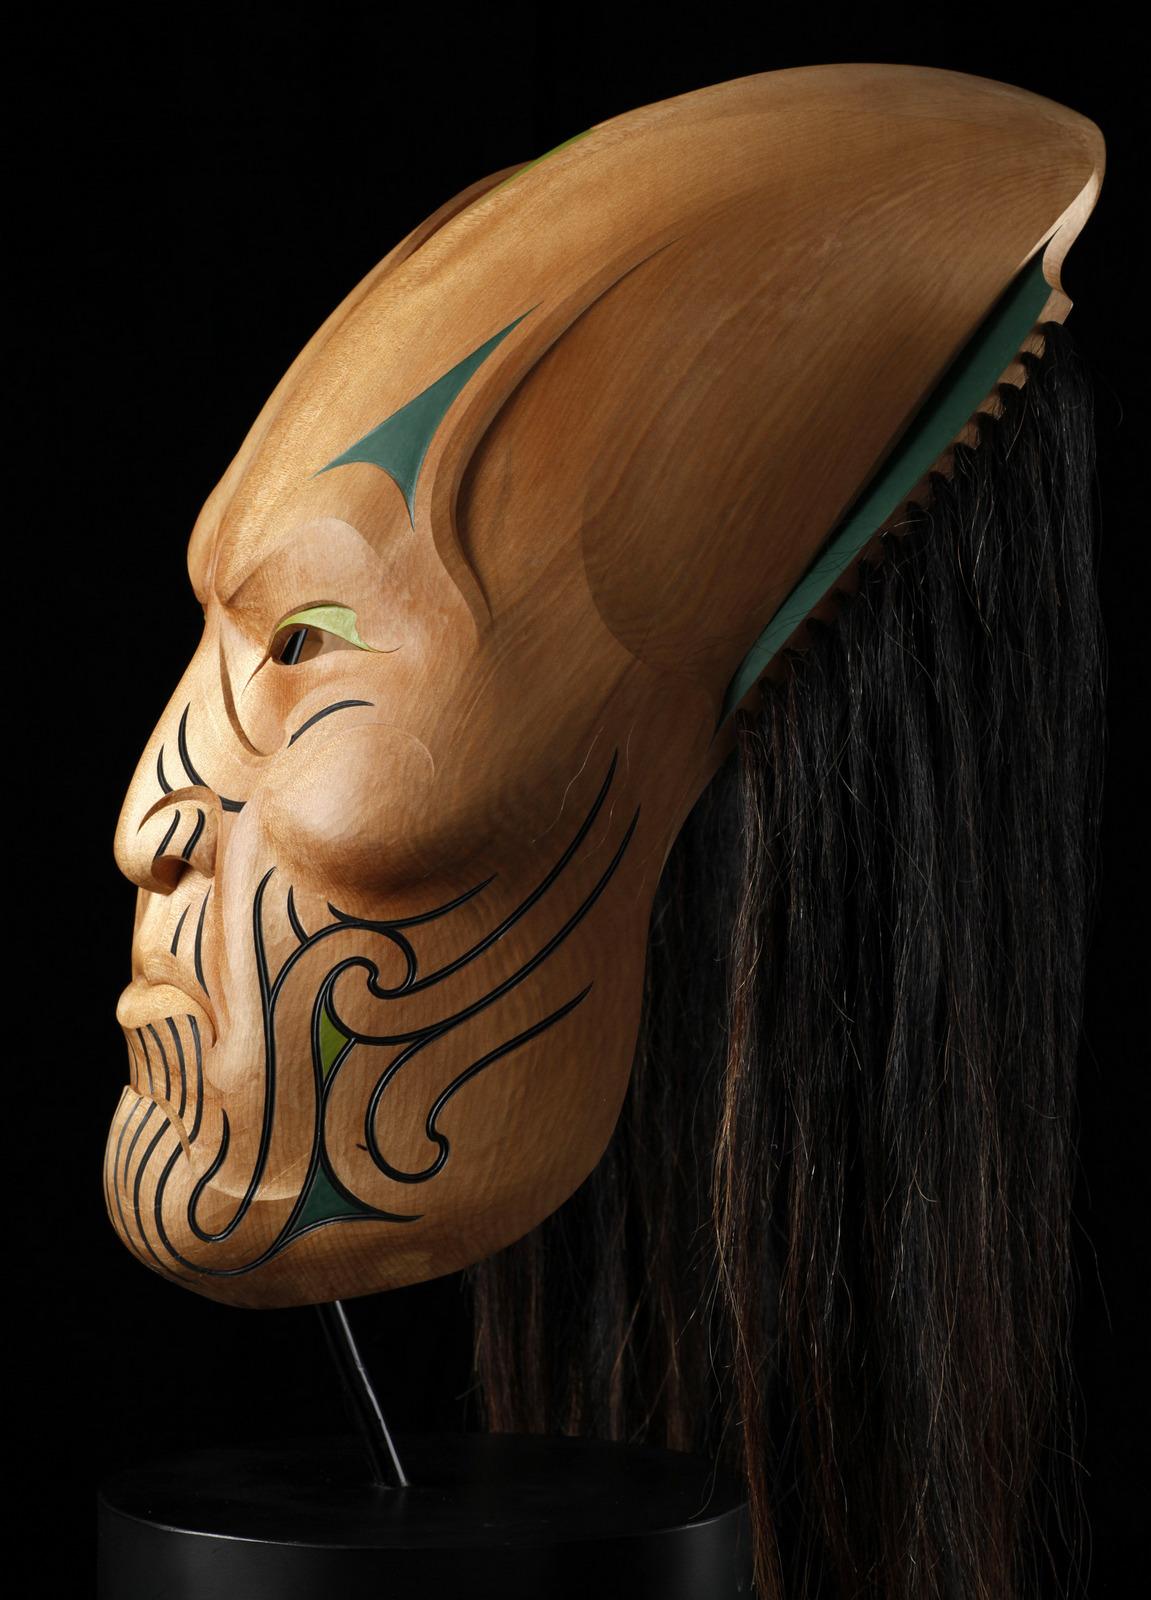 Rangatira - Chief